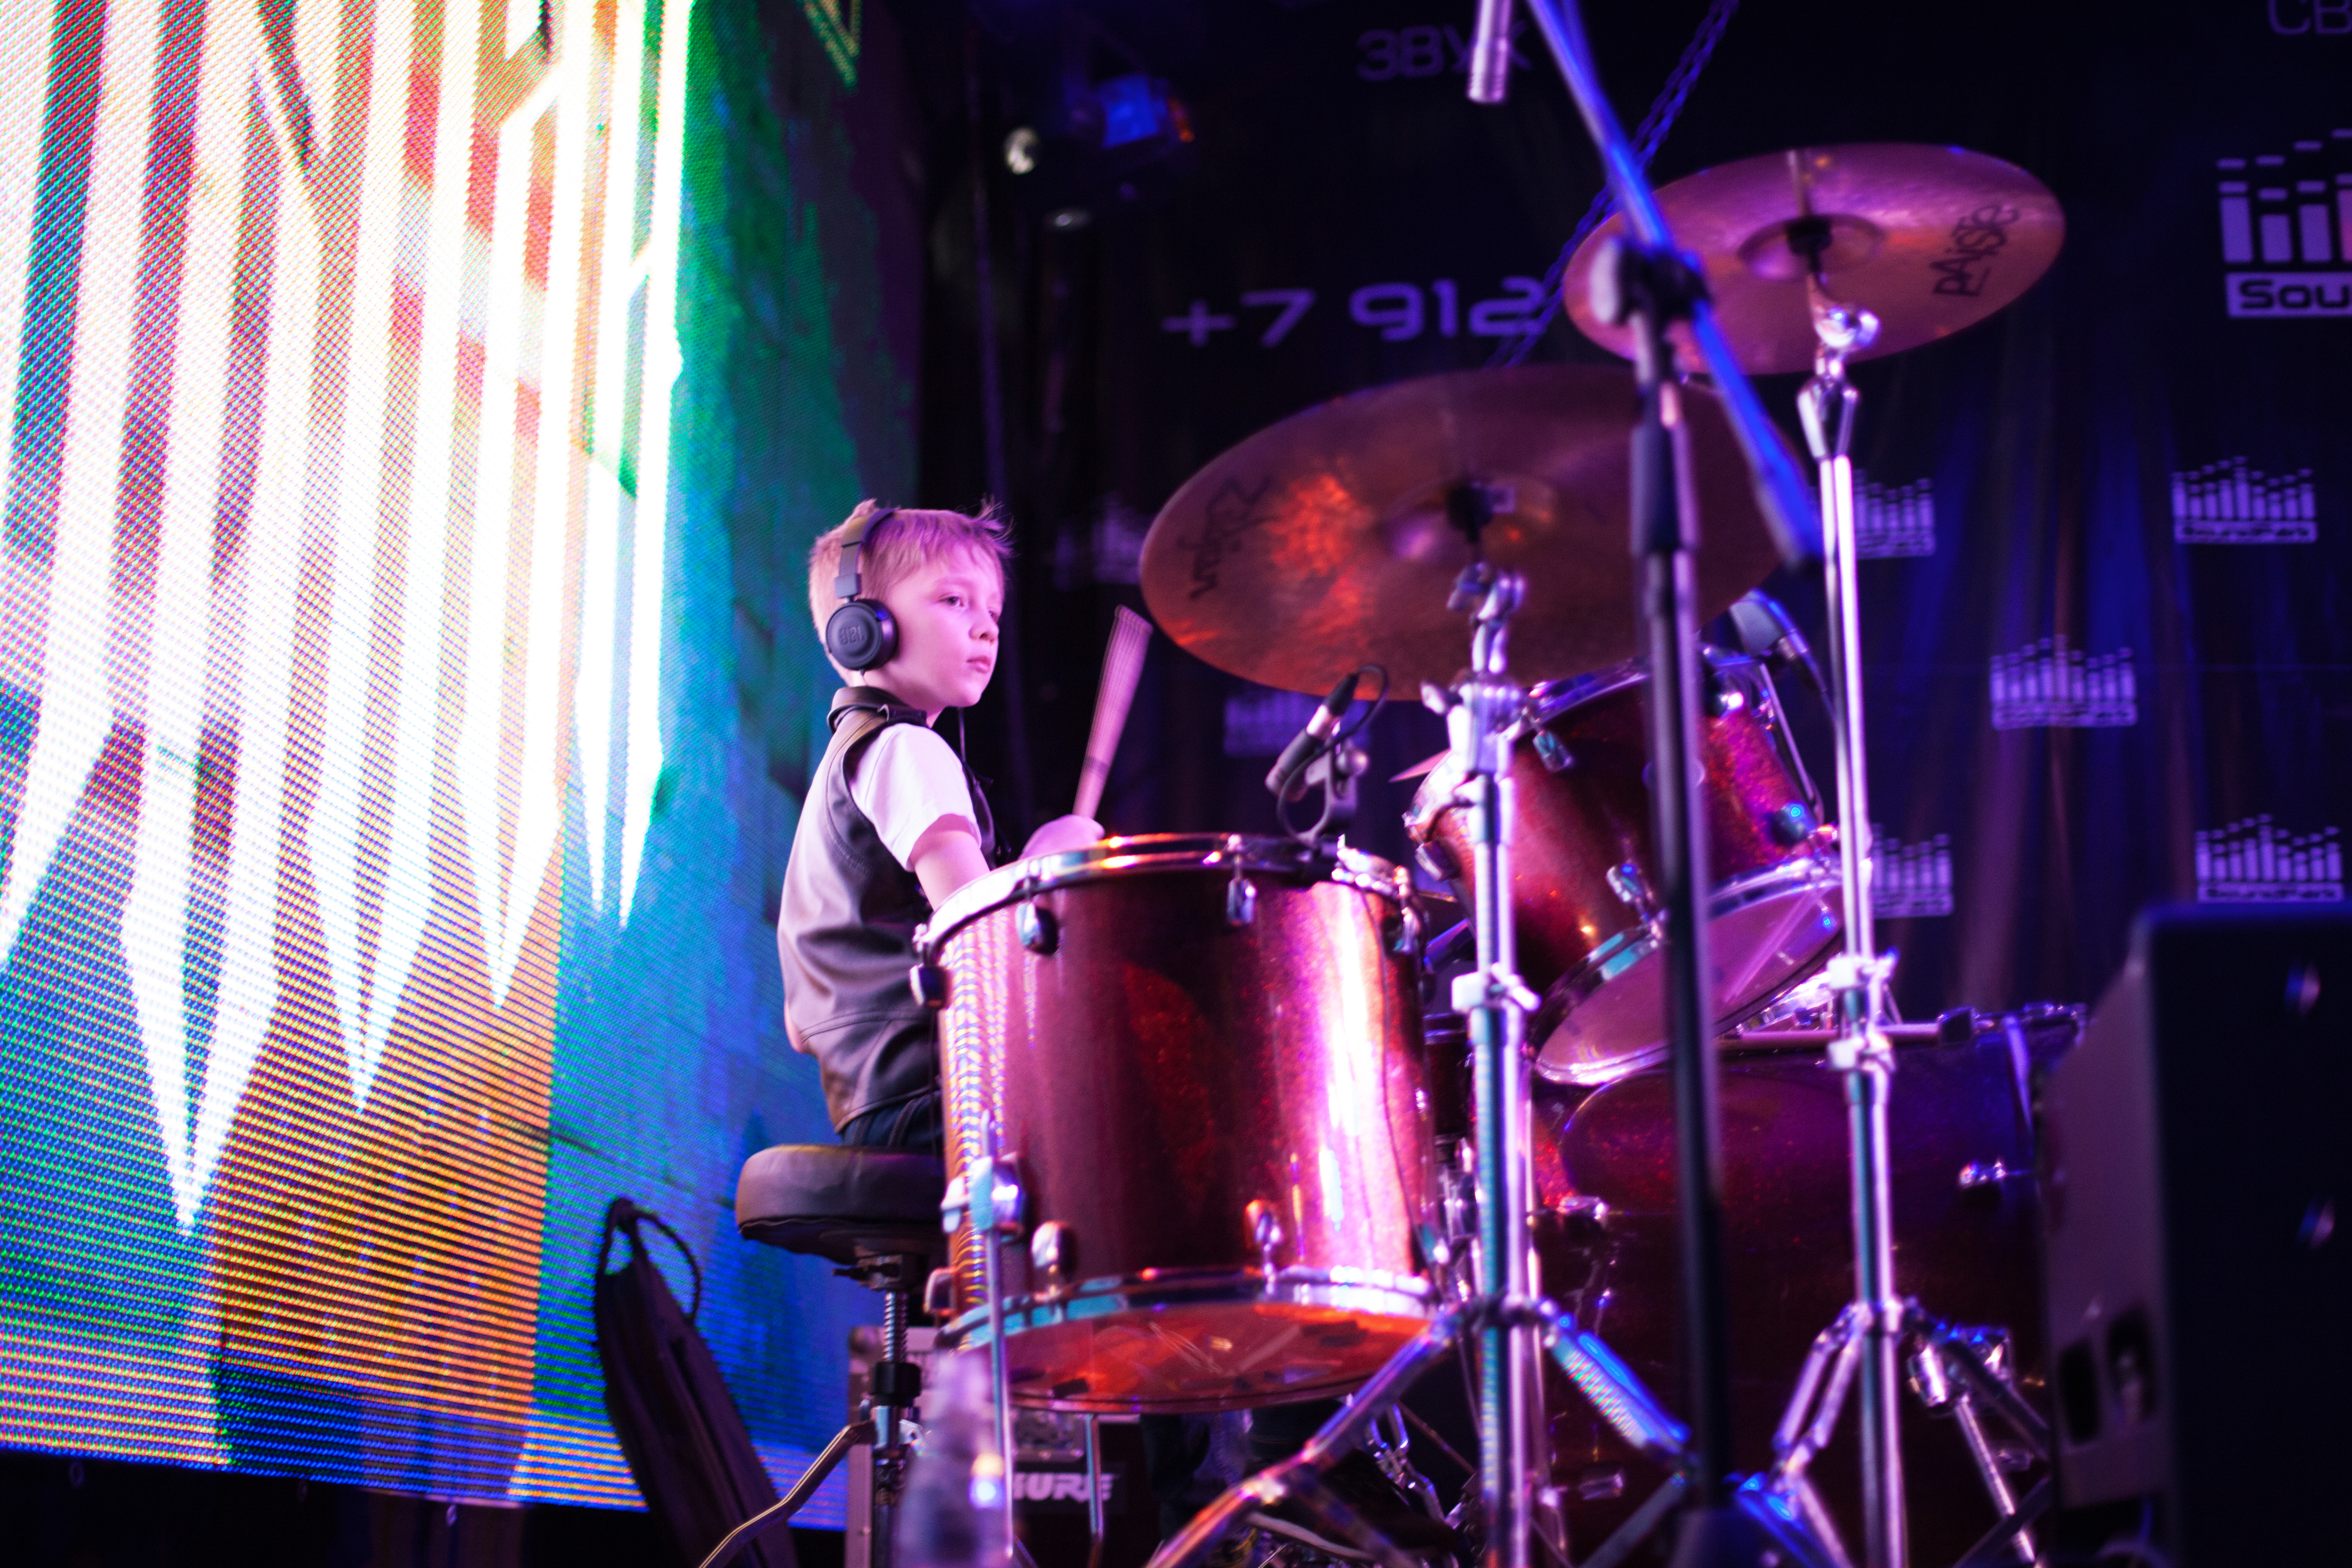 обучение на барабанах с 7 лет